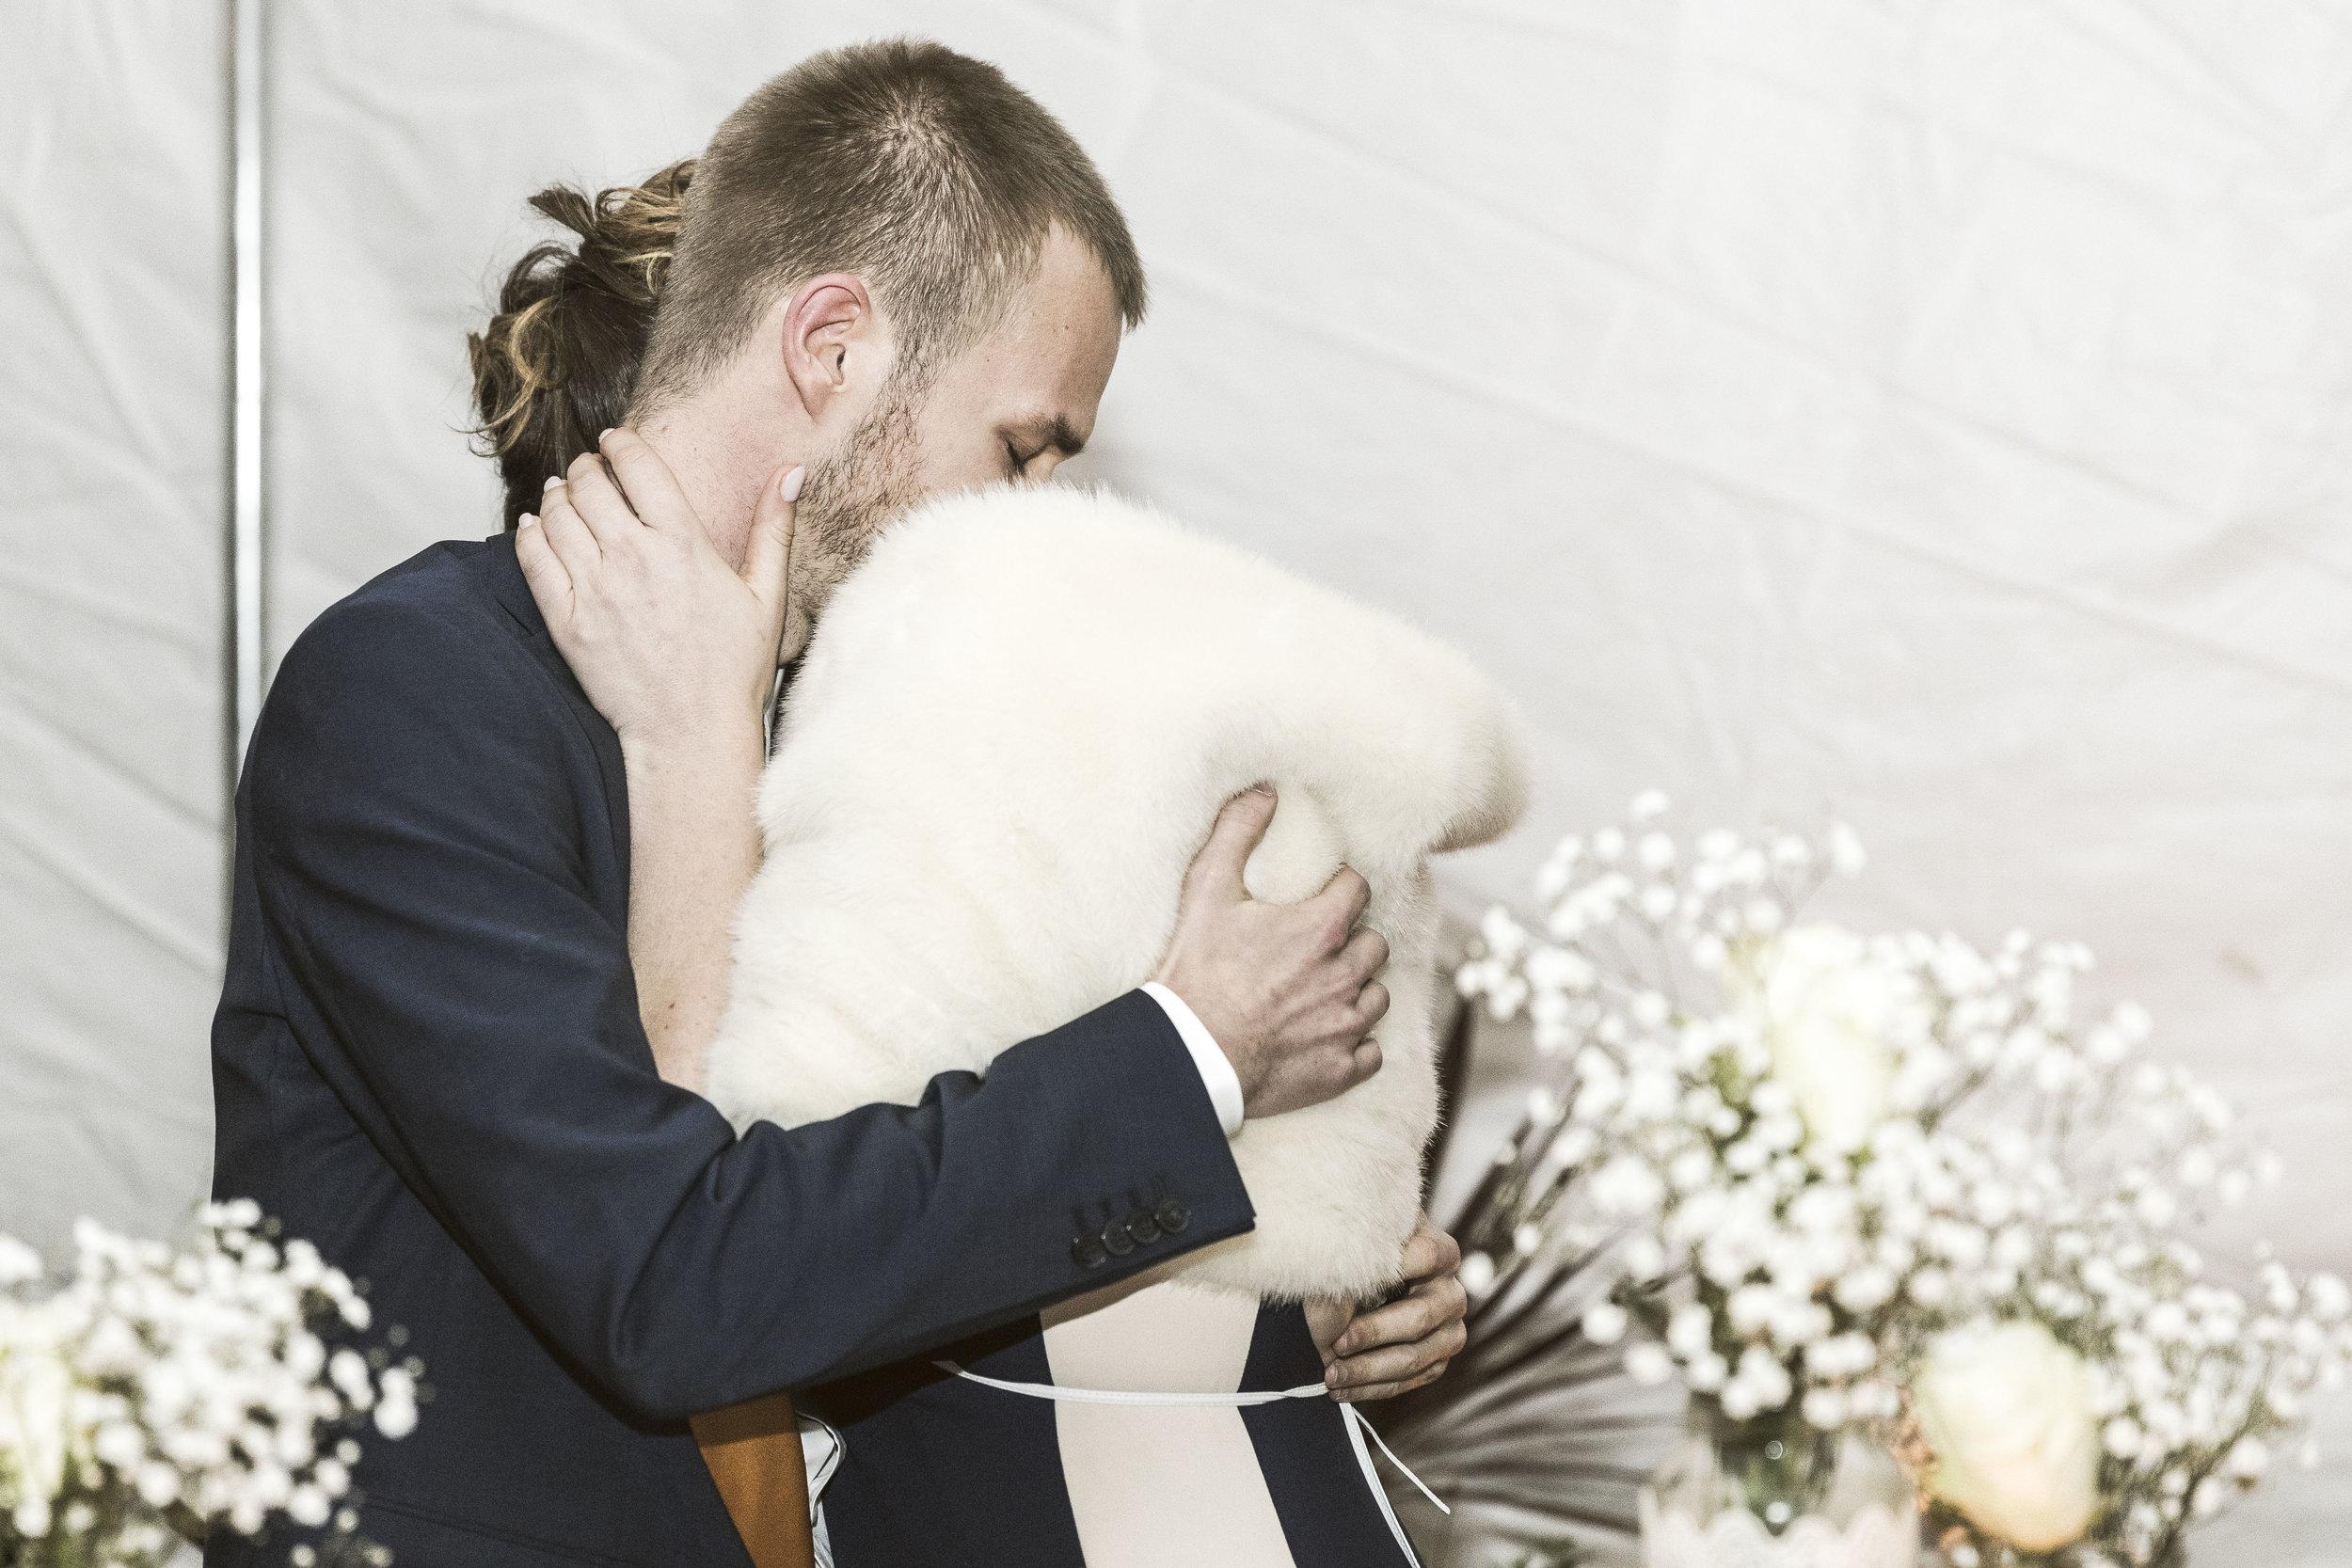 Huwelijk-Karo-Steven-20171216-Alexis-Breugelmans-035.jpg